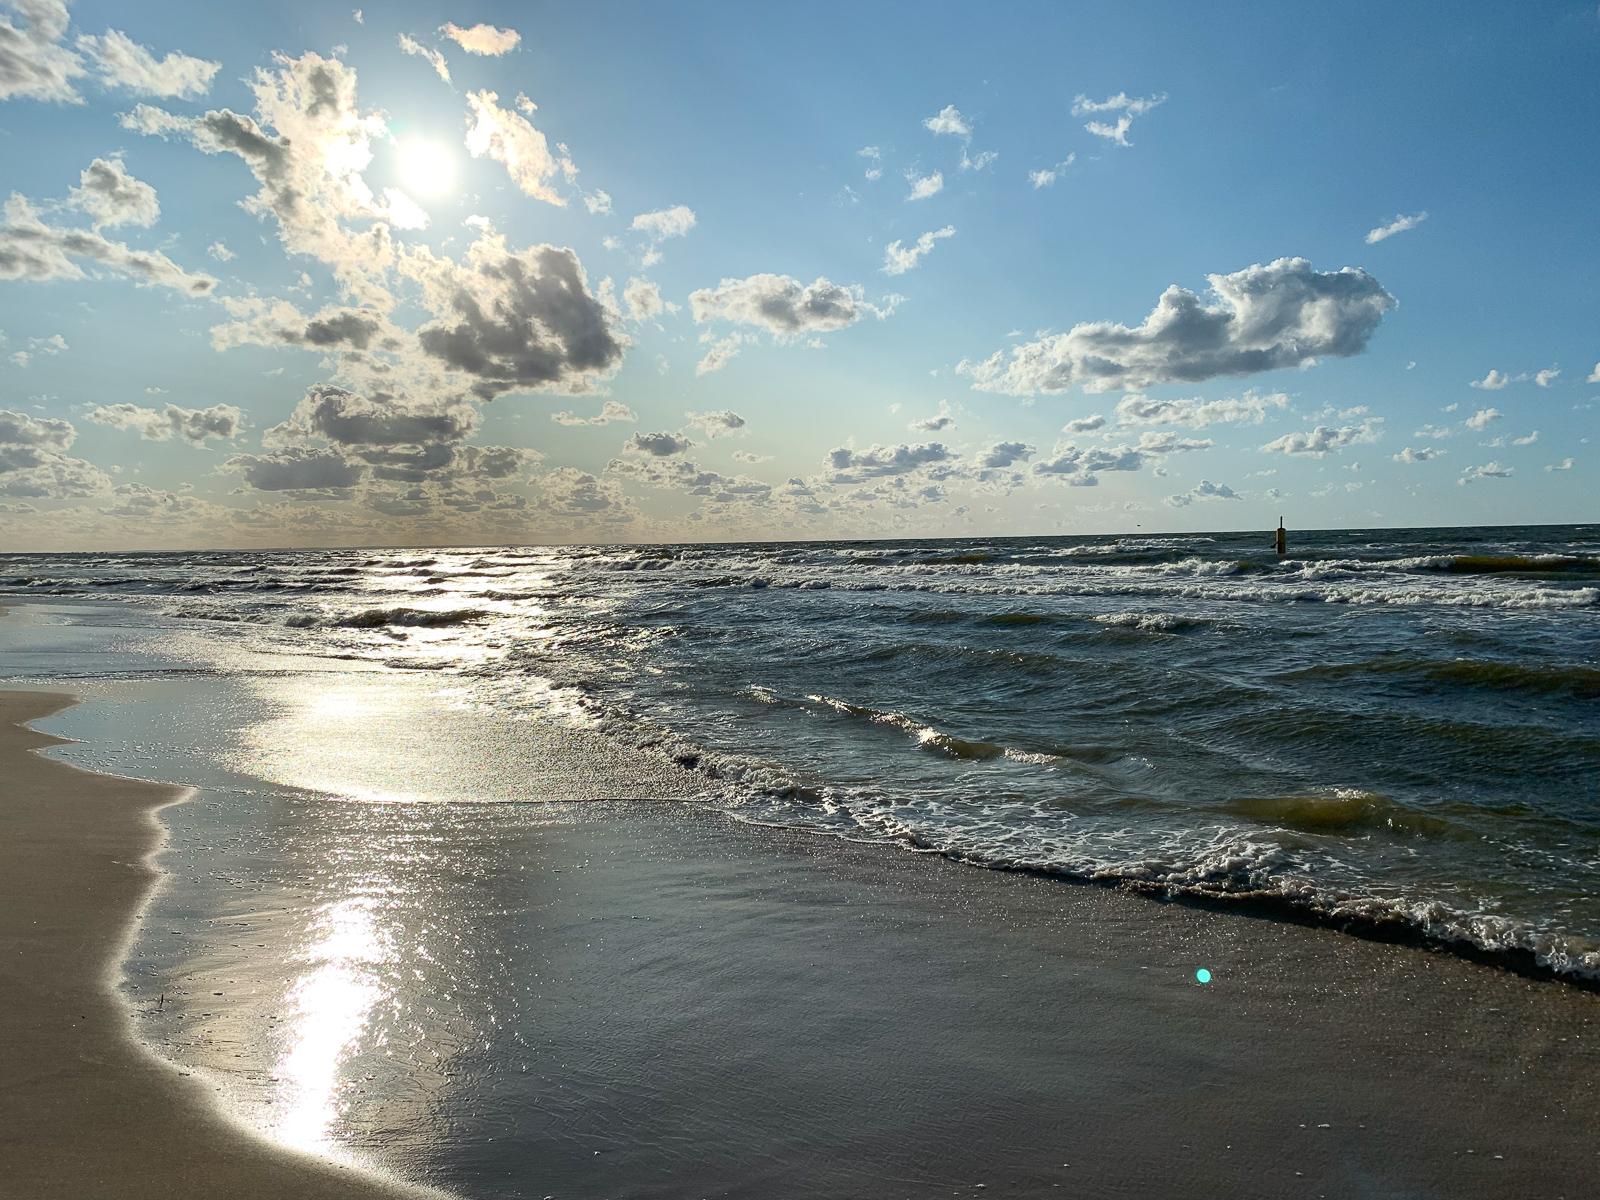 mierzeja wislana plaze